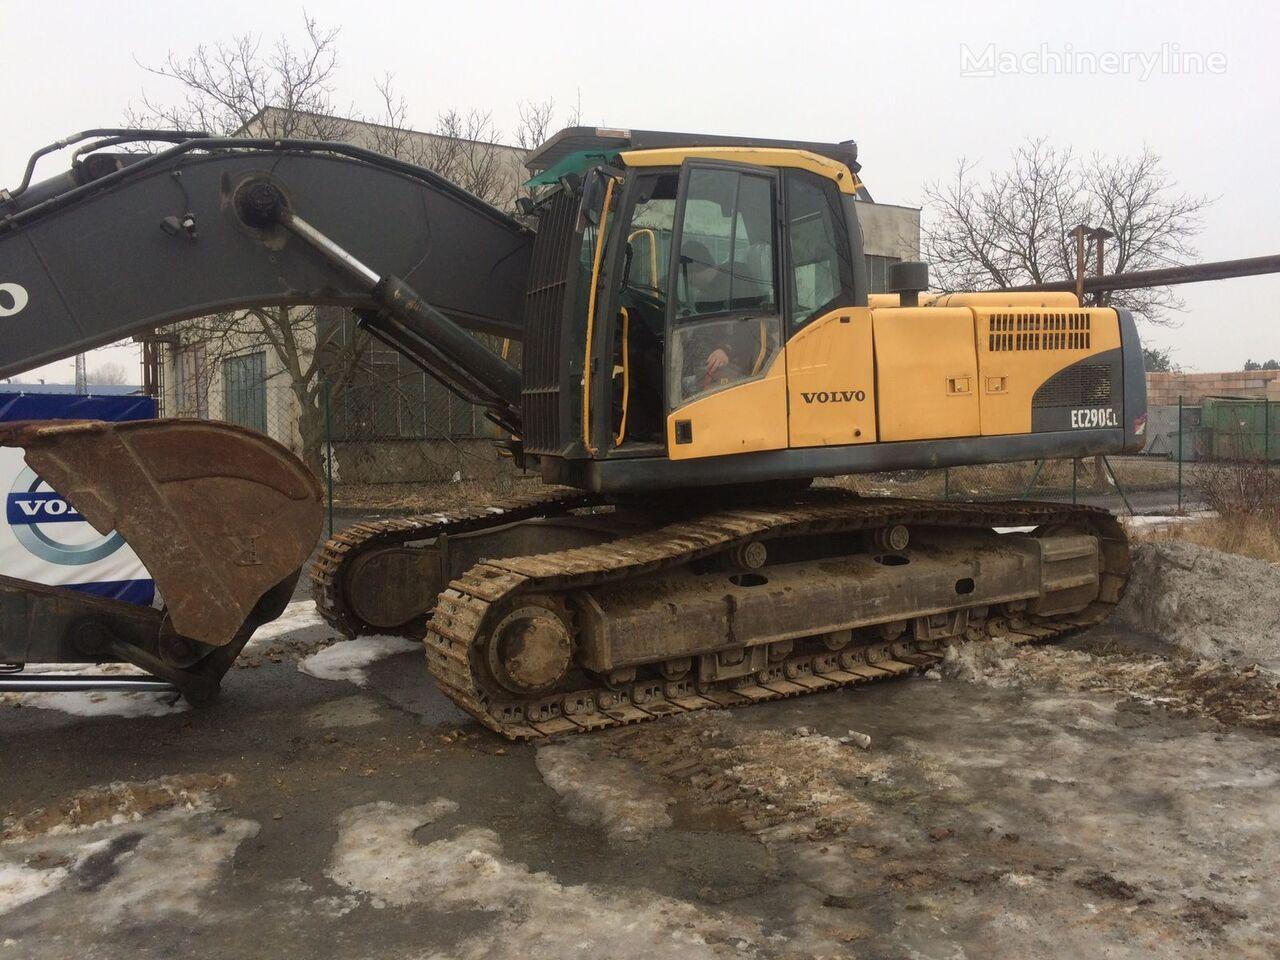 VOLVO EC 290 tracked excavator